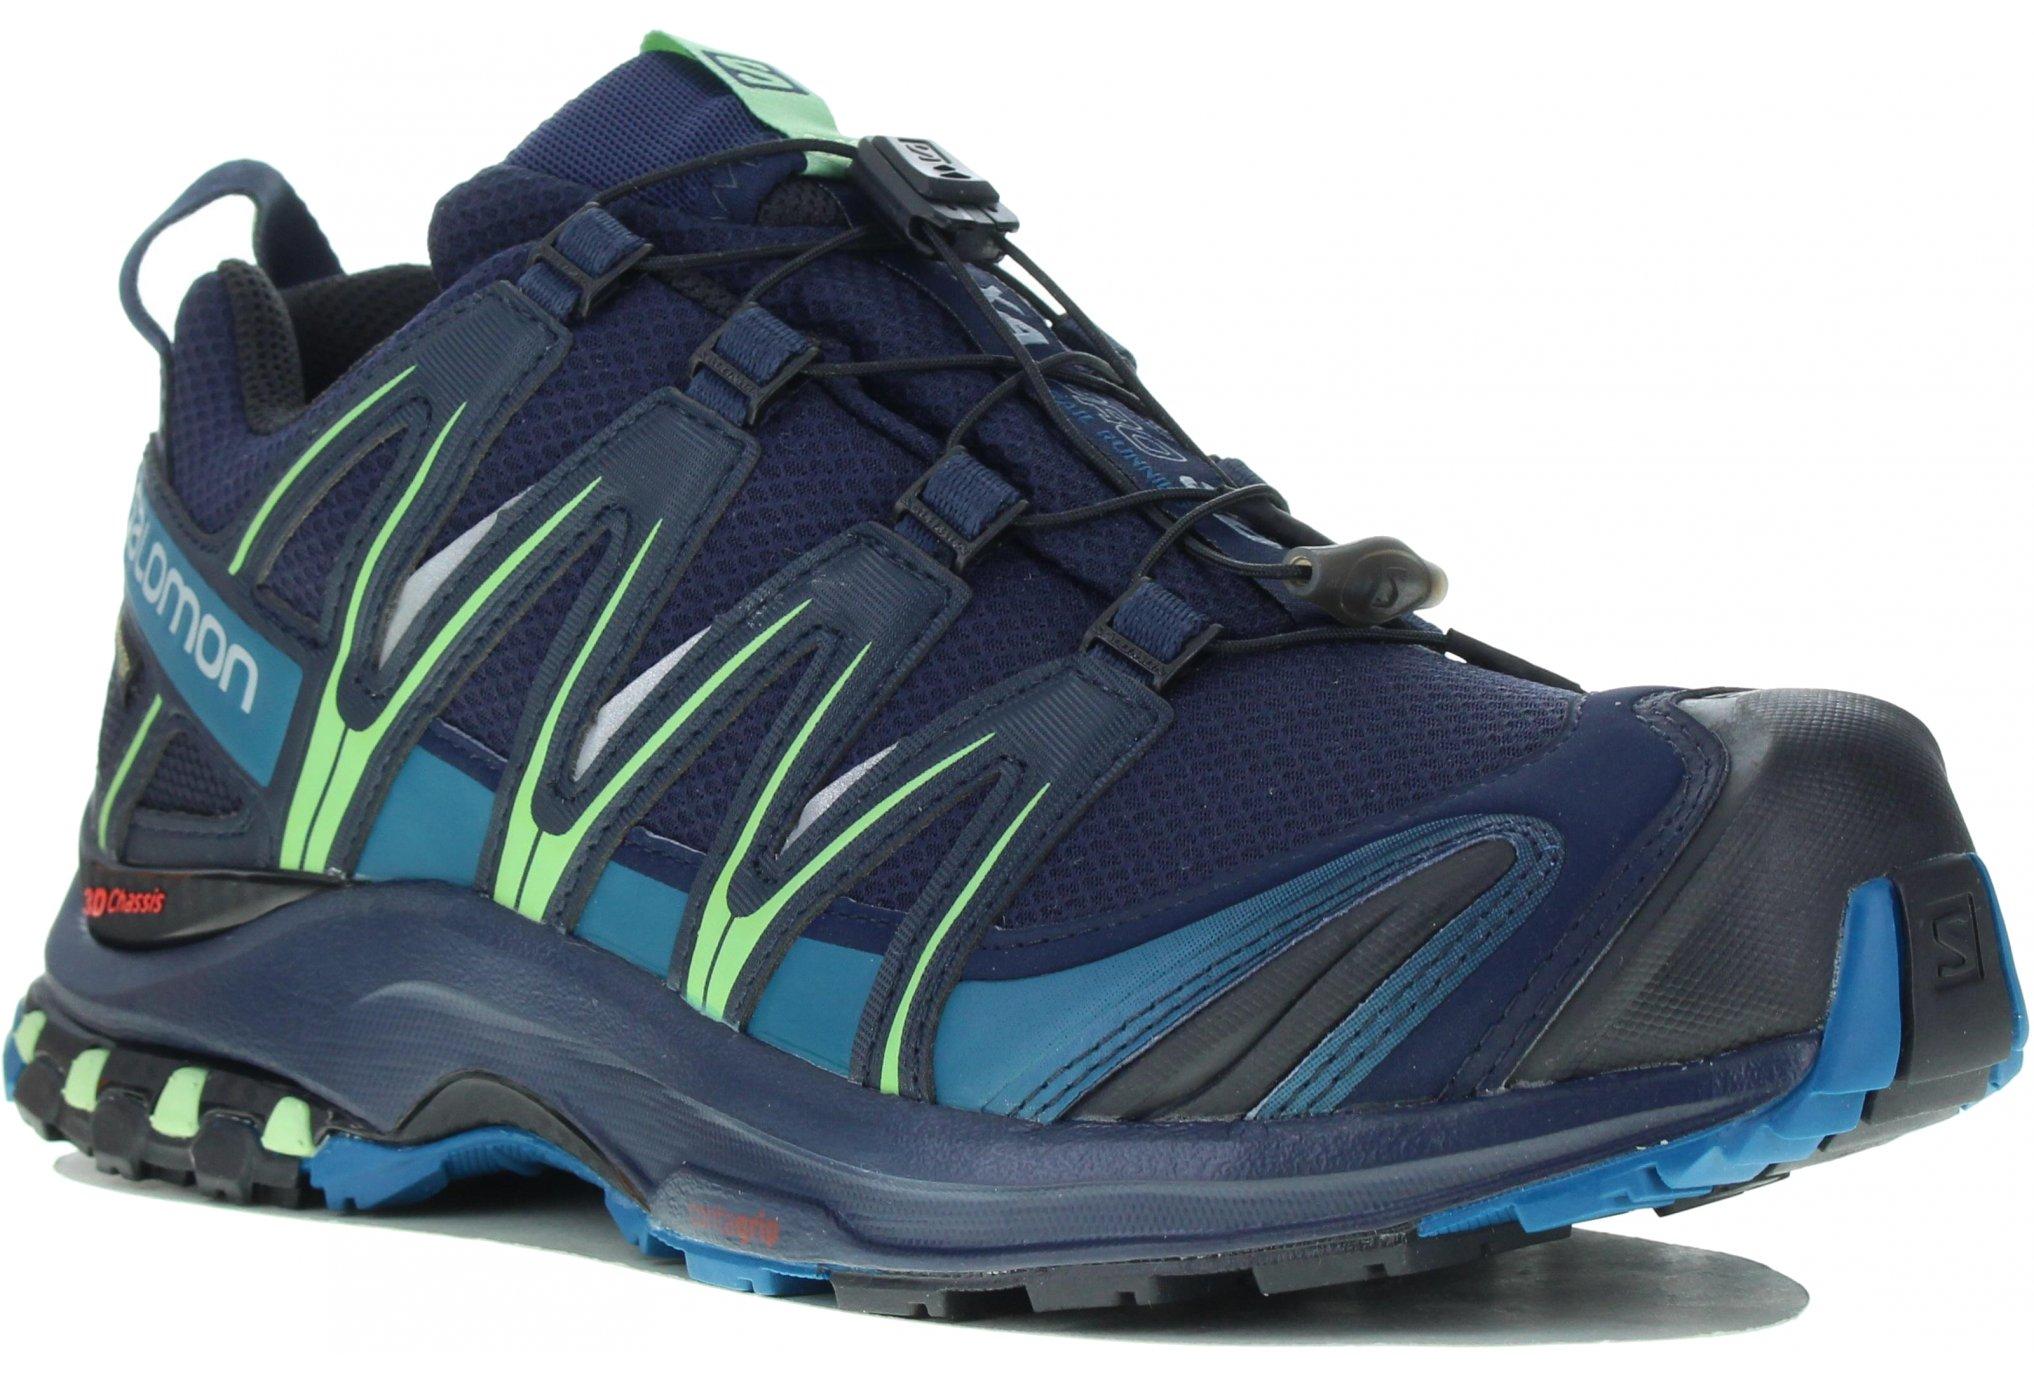 Salomon XA PRO 3D Gore-Tex W Chaussures running femme